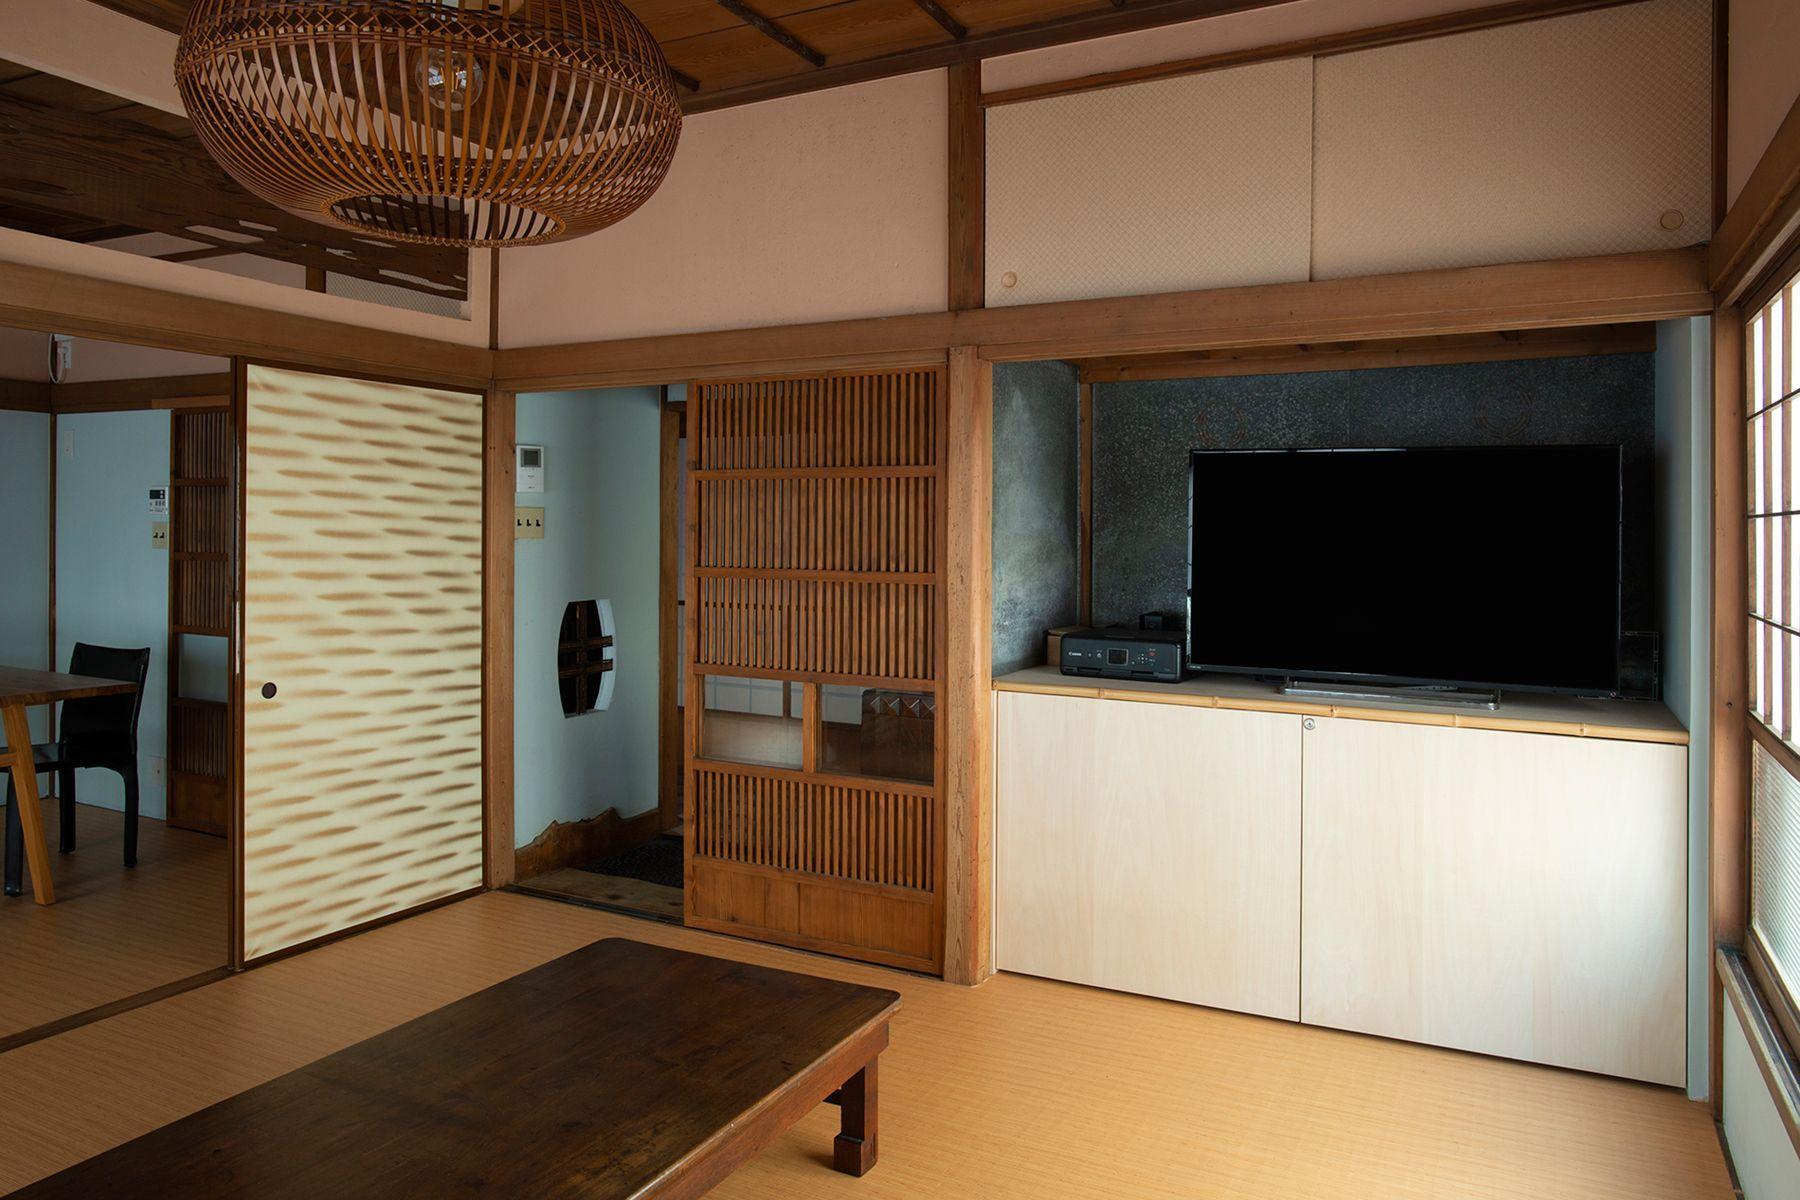 江戸端会議室 (エドバタカイギシツ)和室(8畳)襖を閉めた状態